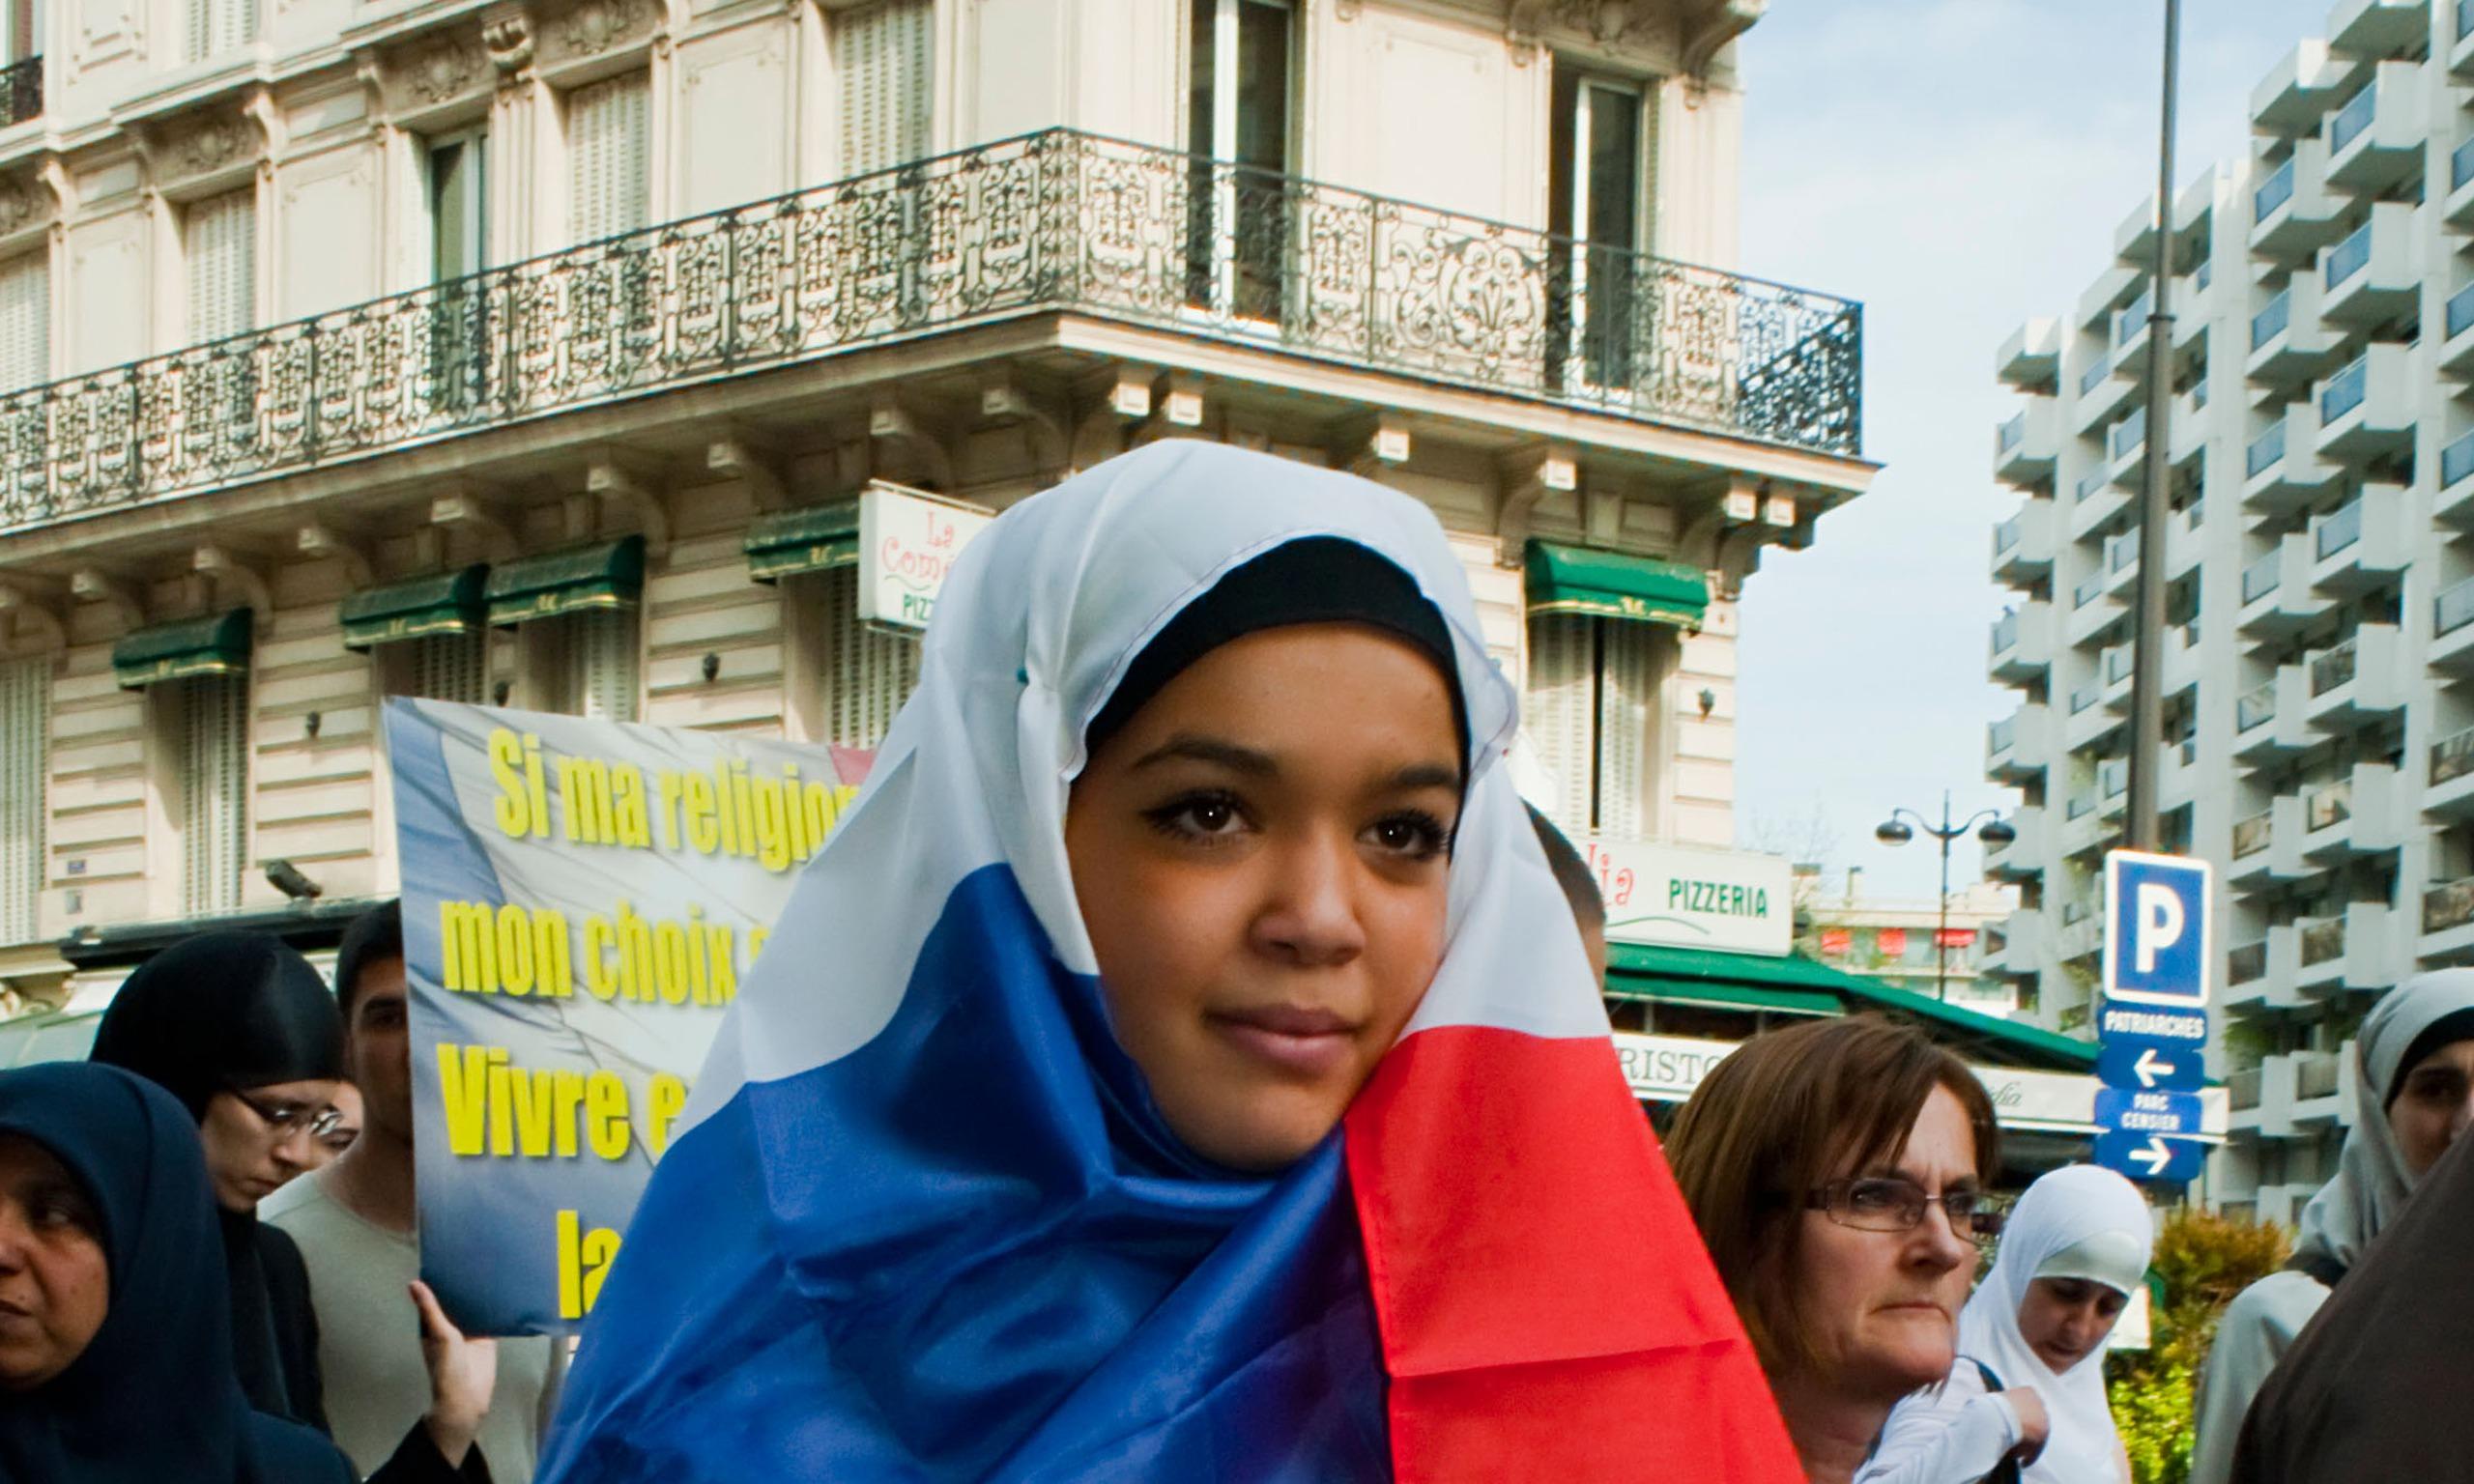 محكمة أوروبية: لا إعفاء للفتيات المسلمات من دروس السباحة المختلطة في المدارس